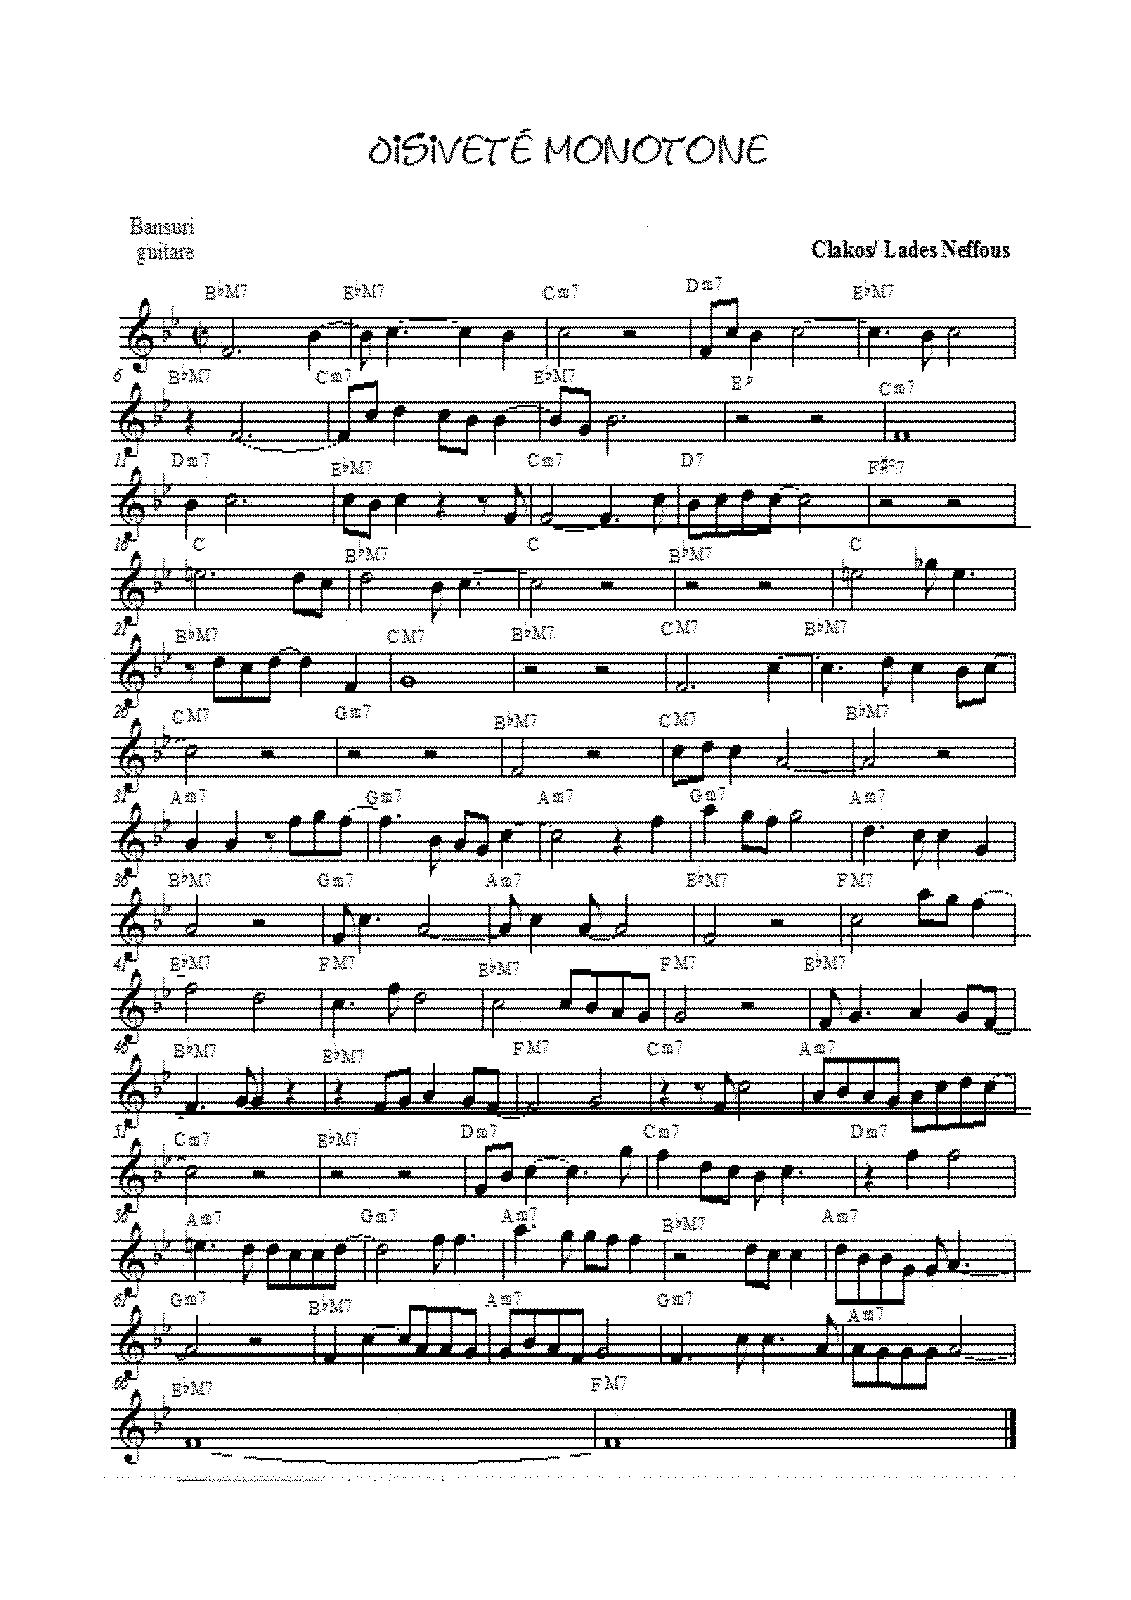 Oisiveté monotone (Marcoux, Jean-François) - IMSLP/Petrucci